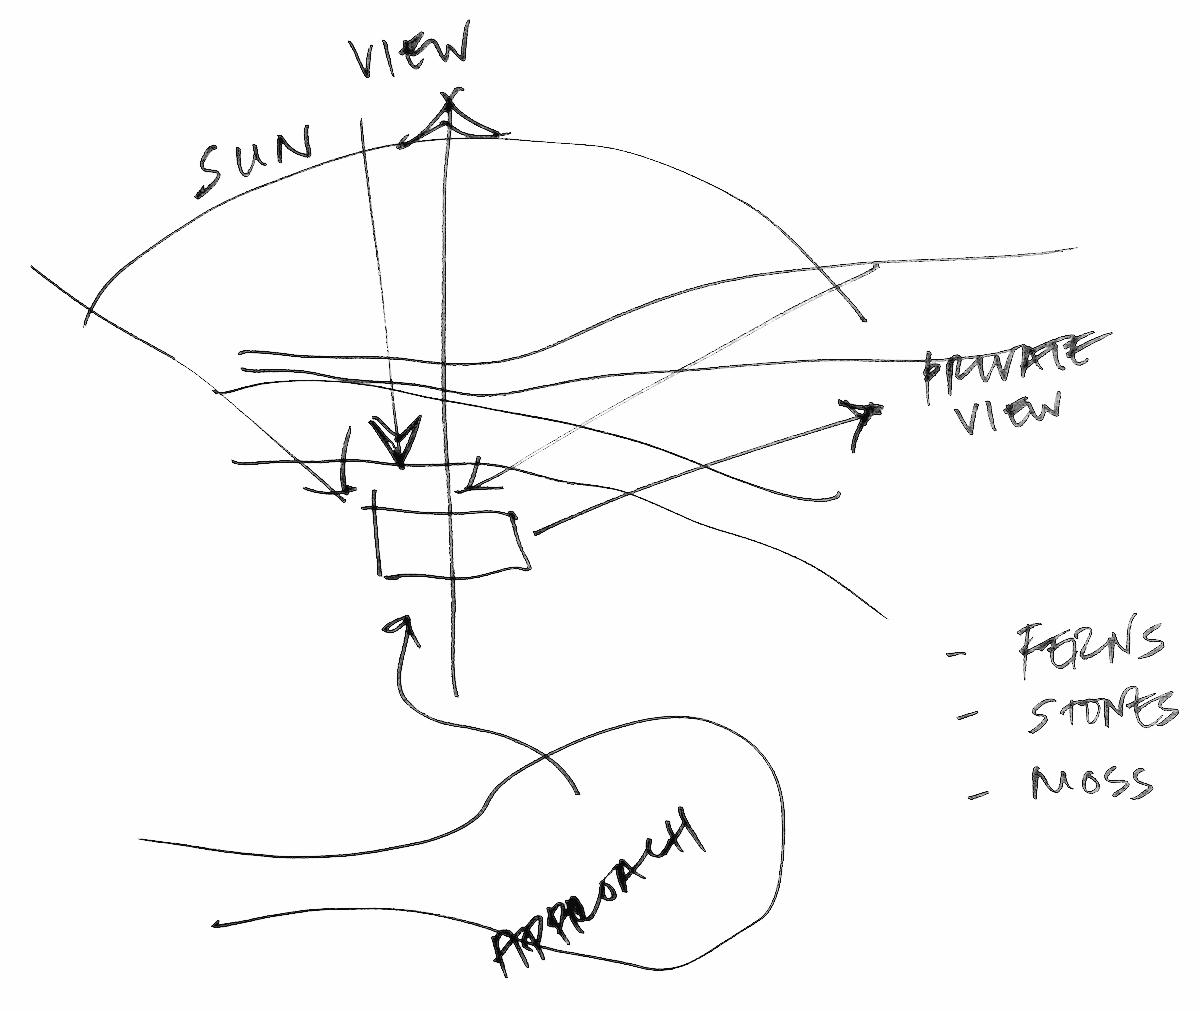 preliminary house design - sun direction